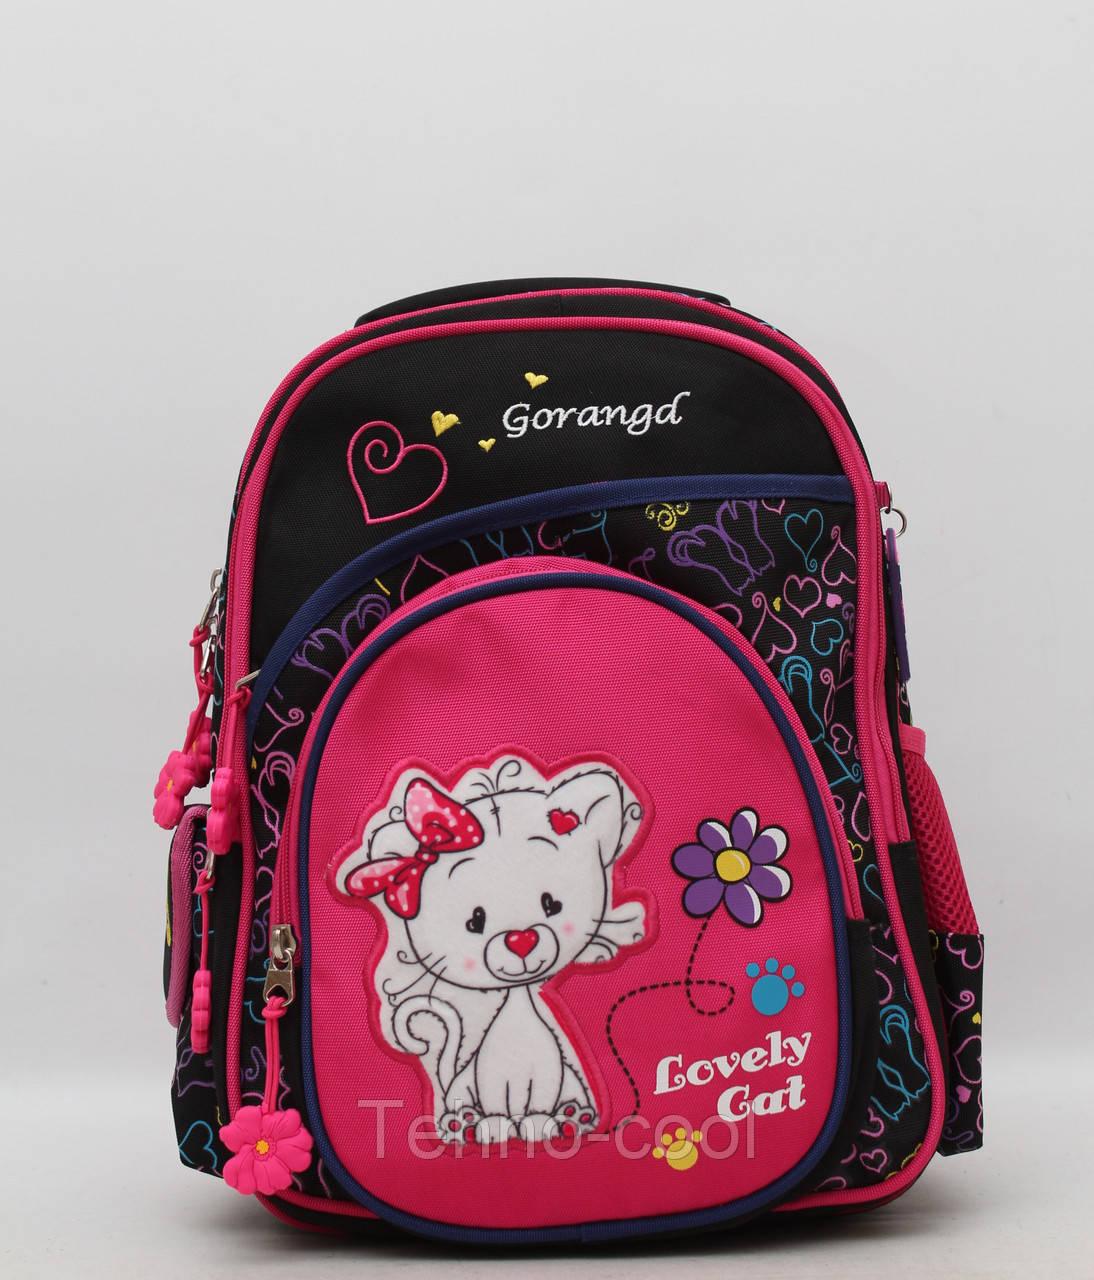 Ортопедичний шкільний рюкзак Gorangd   Ортопедический школьный рюкзак 1391025a0f1